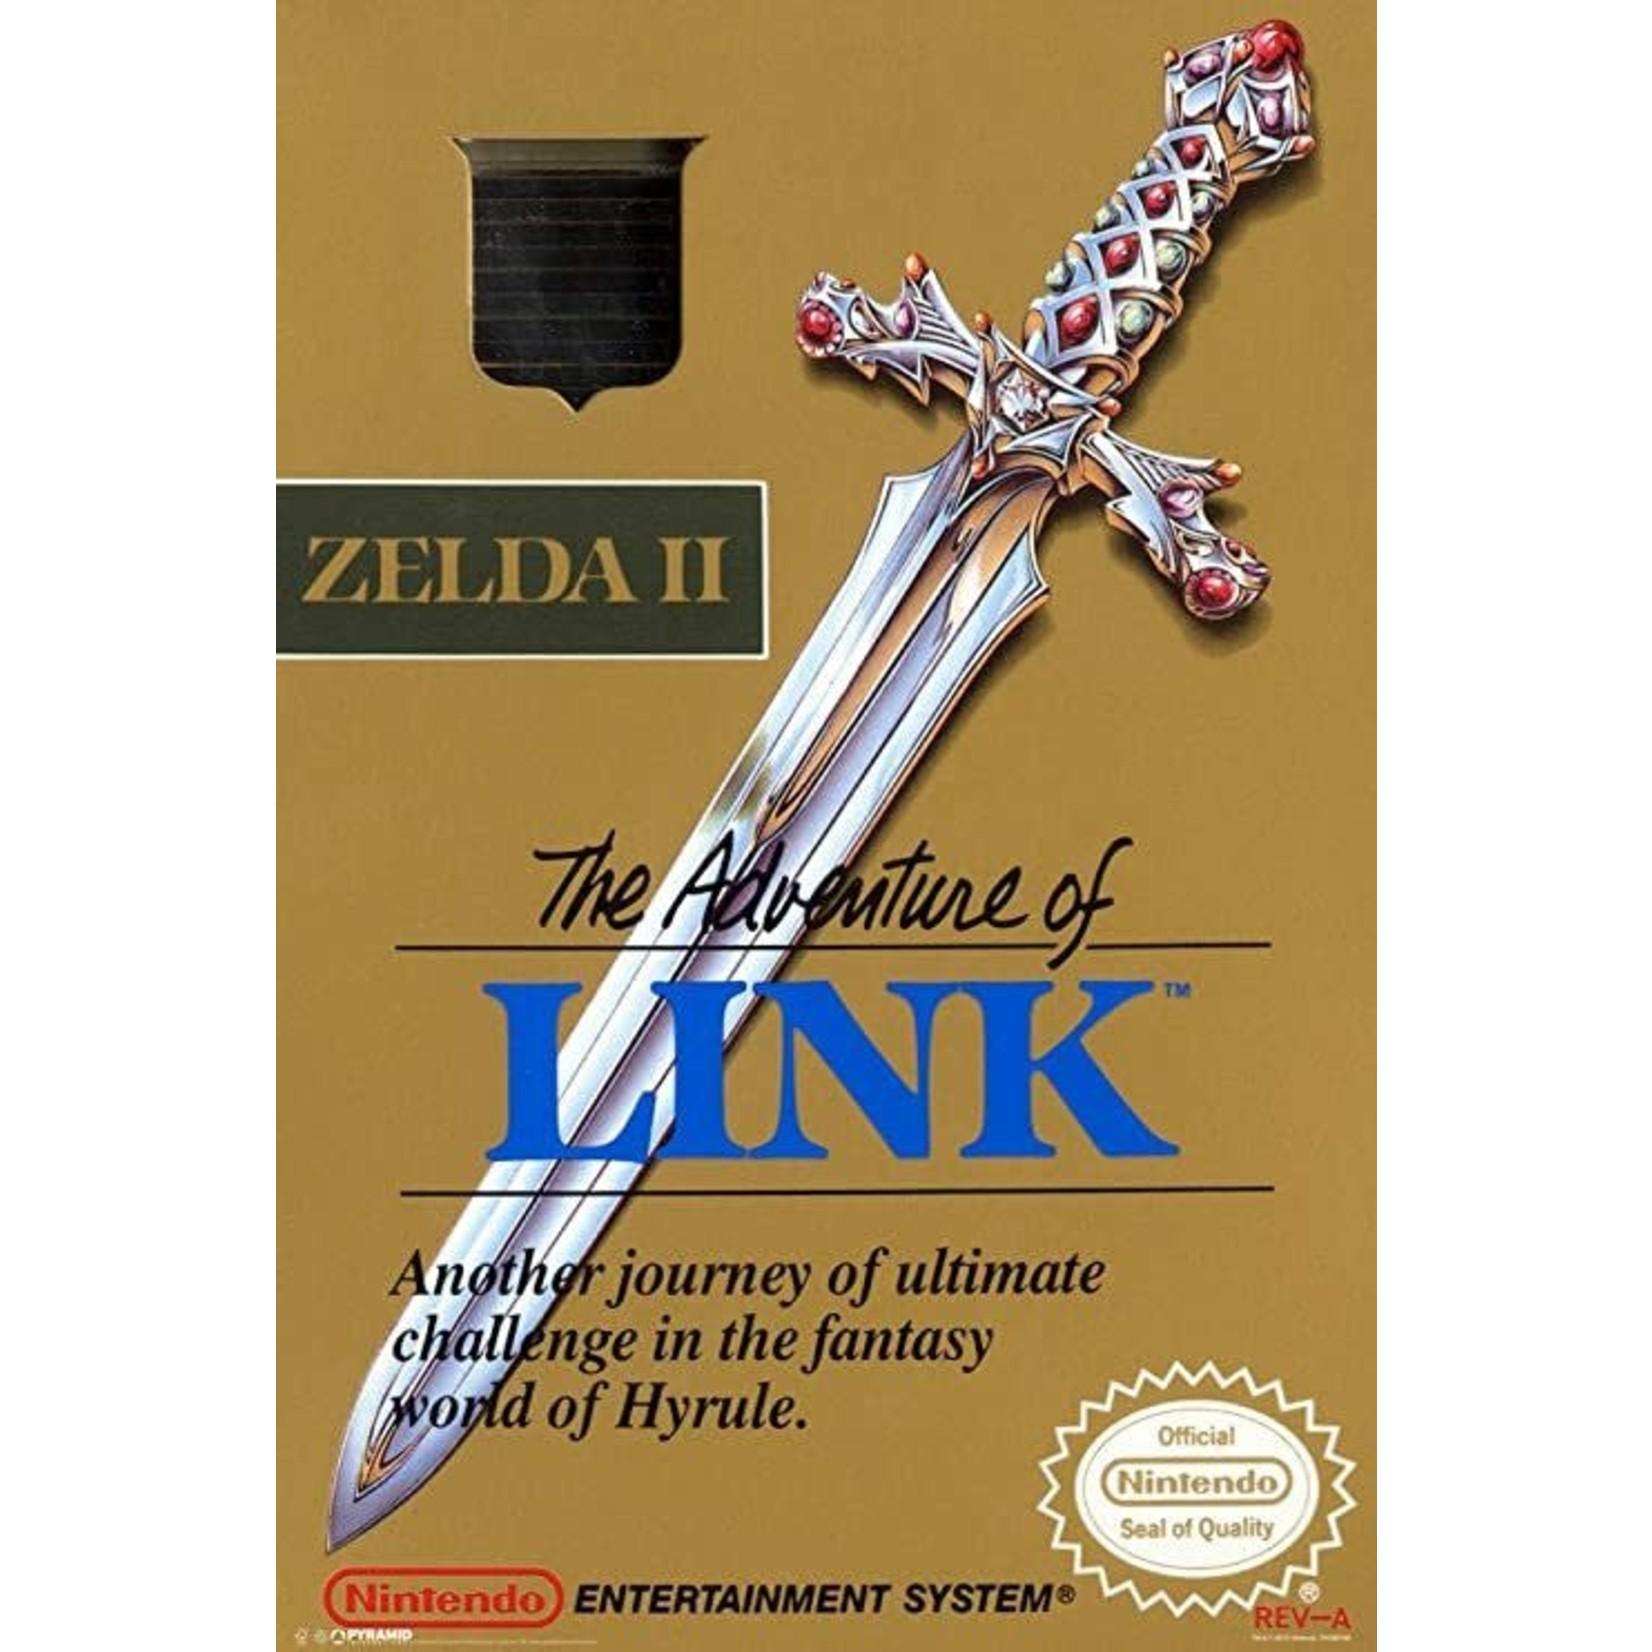 NESU-Zelda 2 The Adventure of Link (boxed)